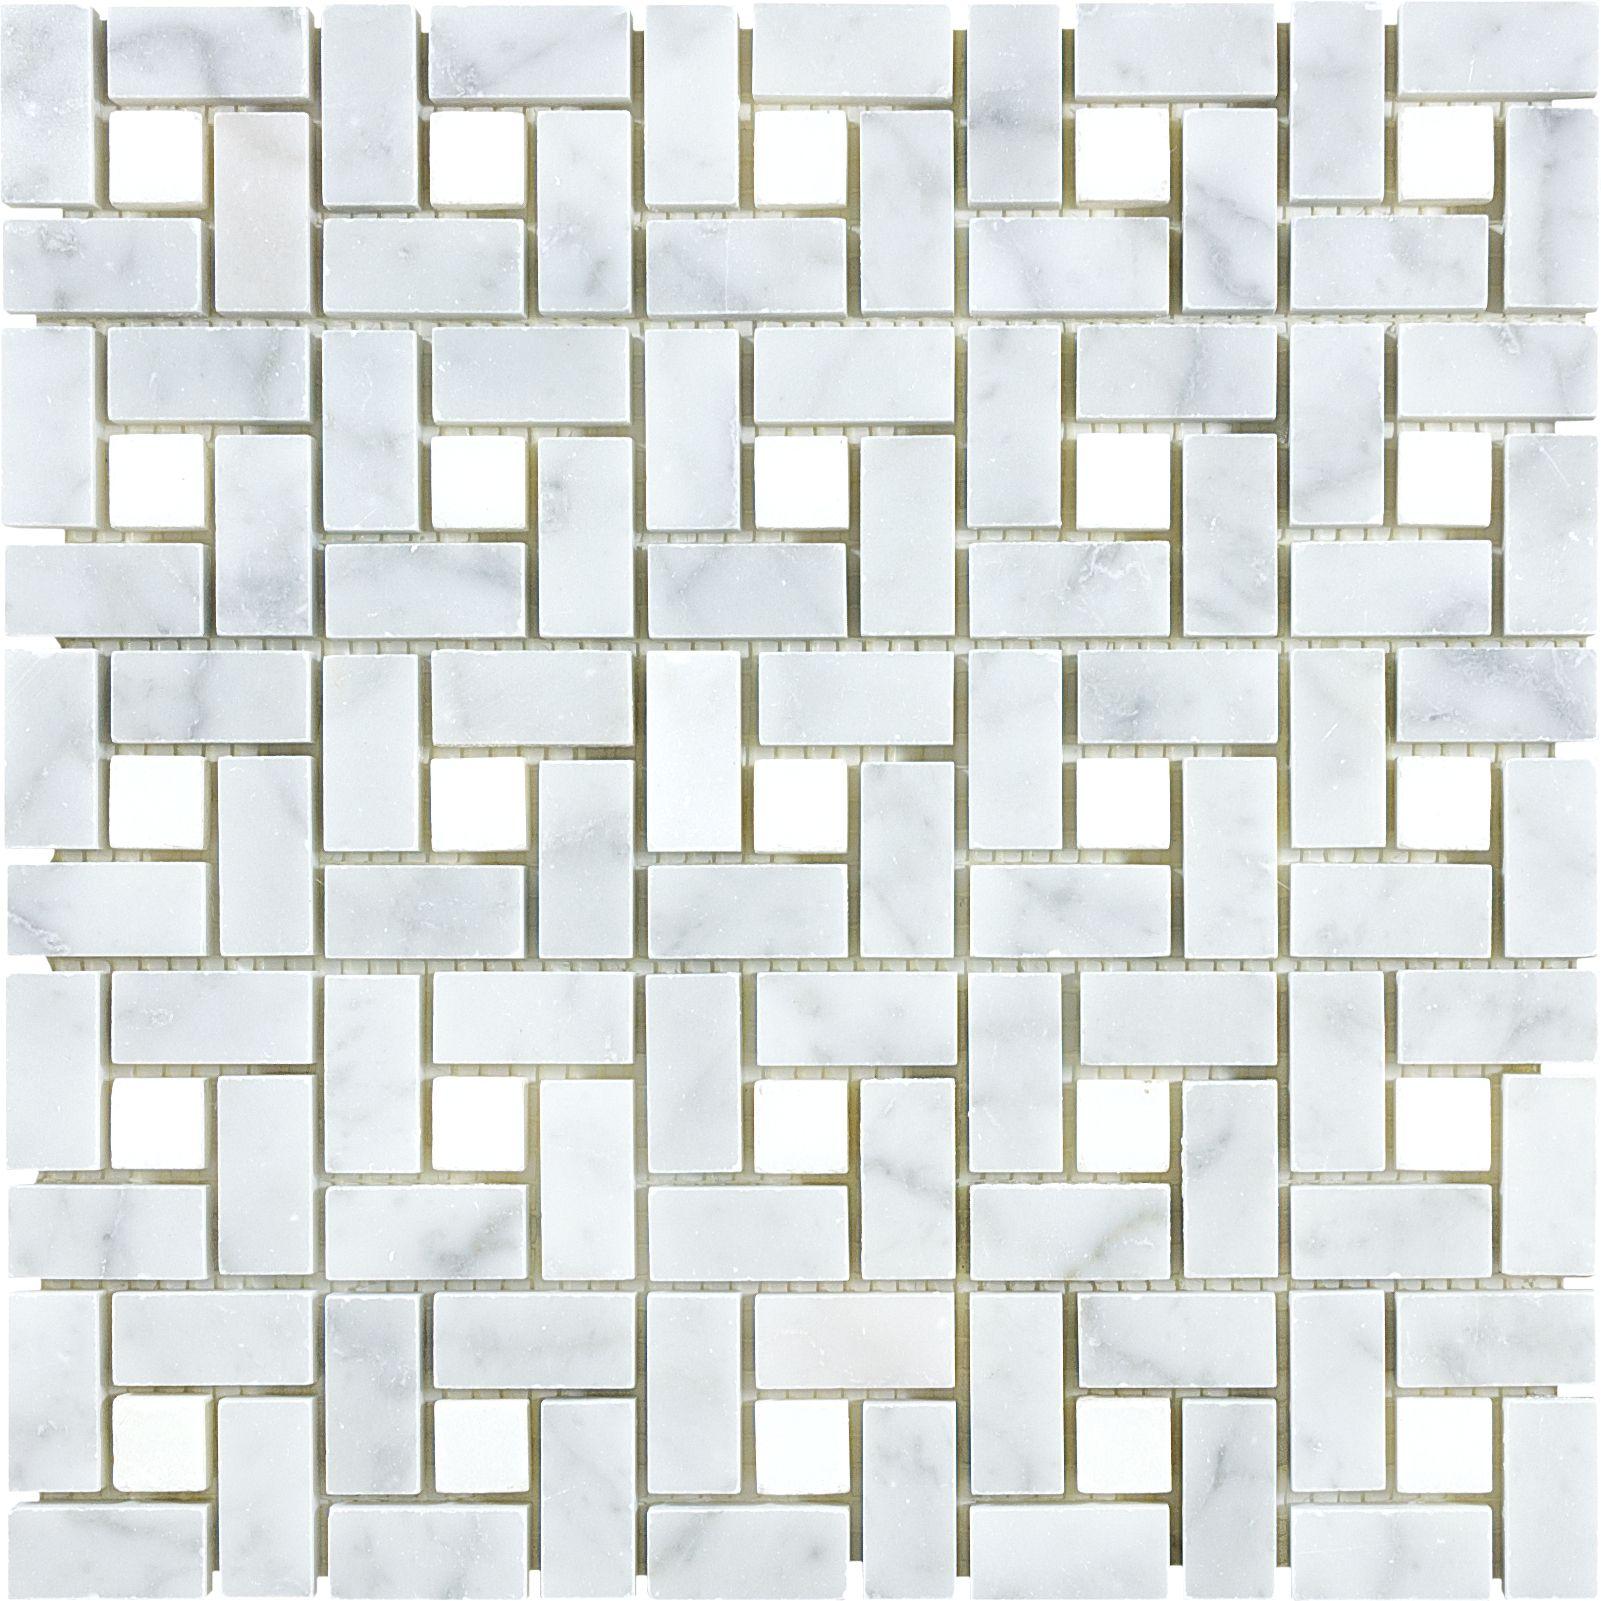 Anatolia tile carrara pinwheel basketweave mosaic marble wall tile anatolia tile carrara pinwheel marble natural stone mosaic basketweave wall tile common x actual x floor tile in downstairs bathroom doublecrazyfo Gallery